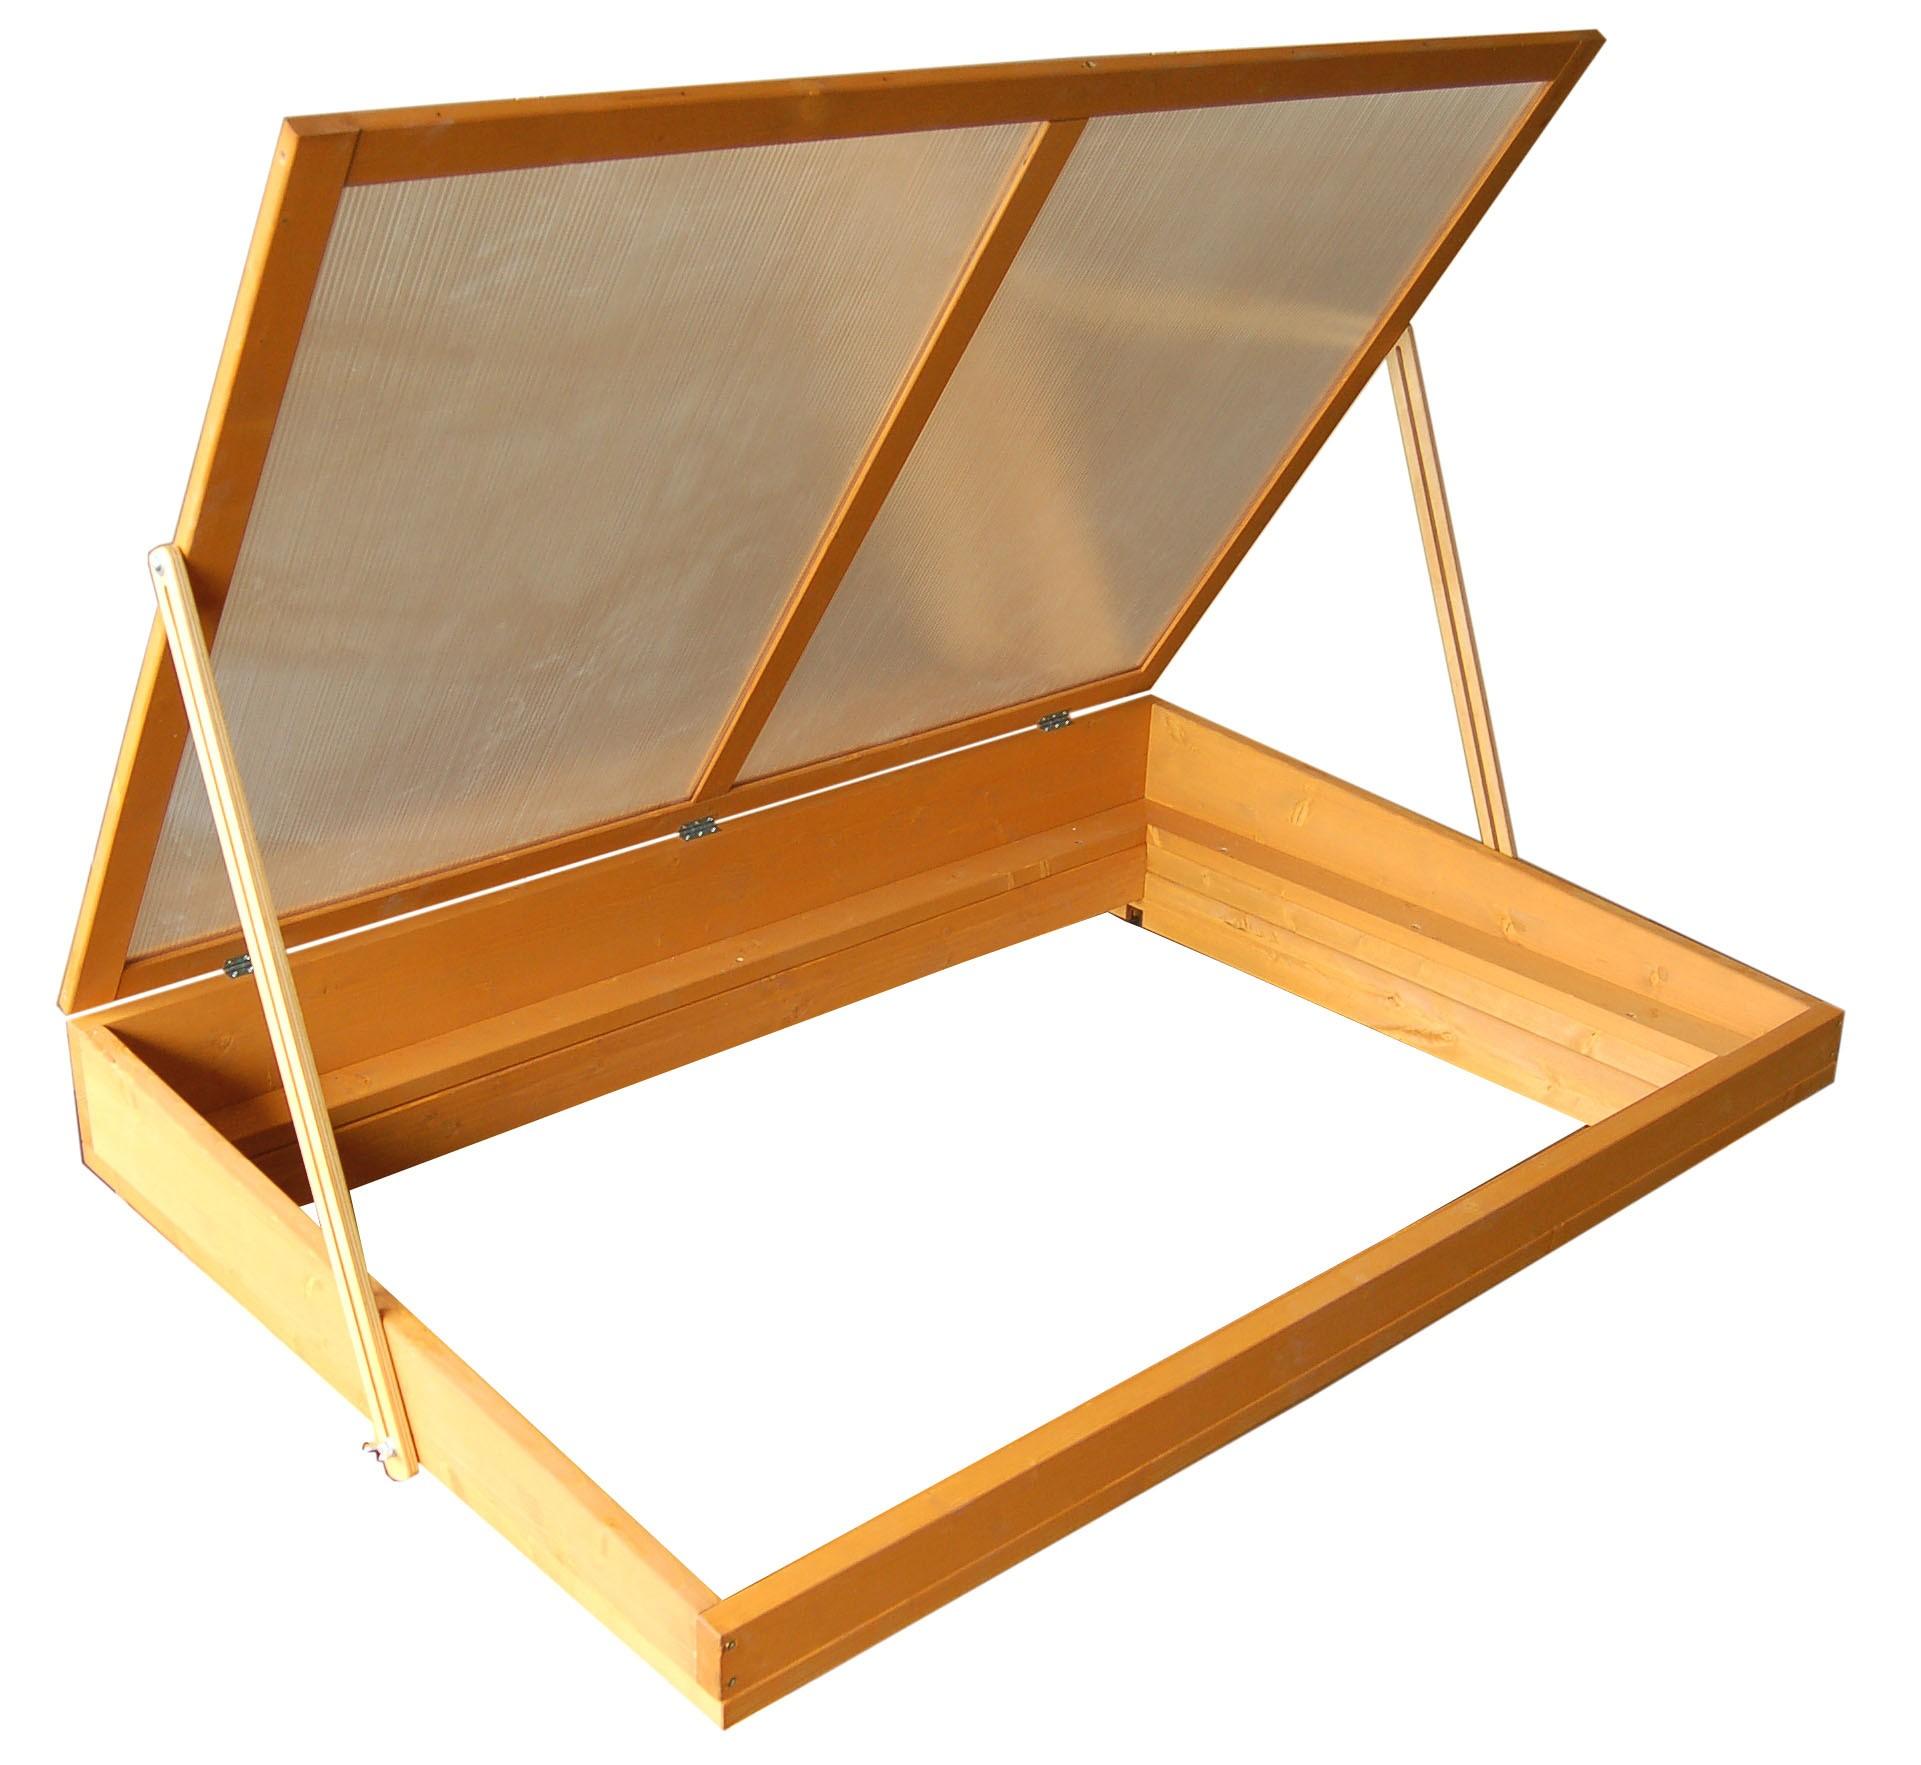 fr hbeetaufsatz zum hochbeet ko impr gniert 150cm bei. Black Bedroom Furniture Sets. Home Design Ideas